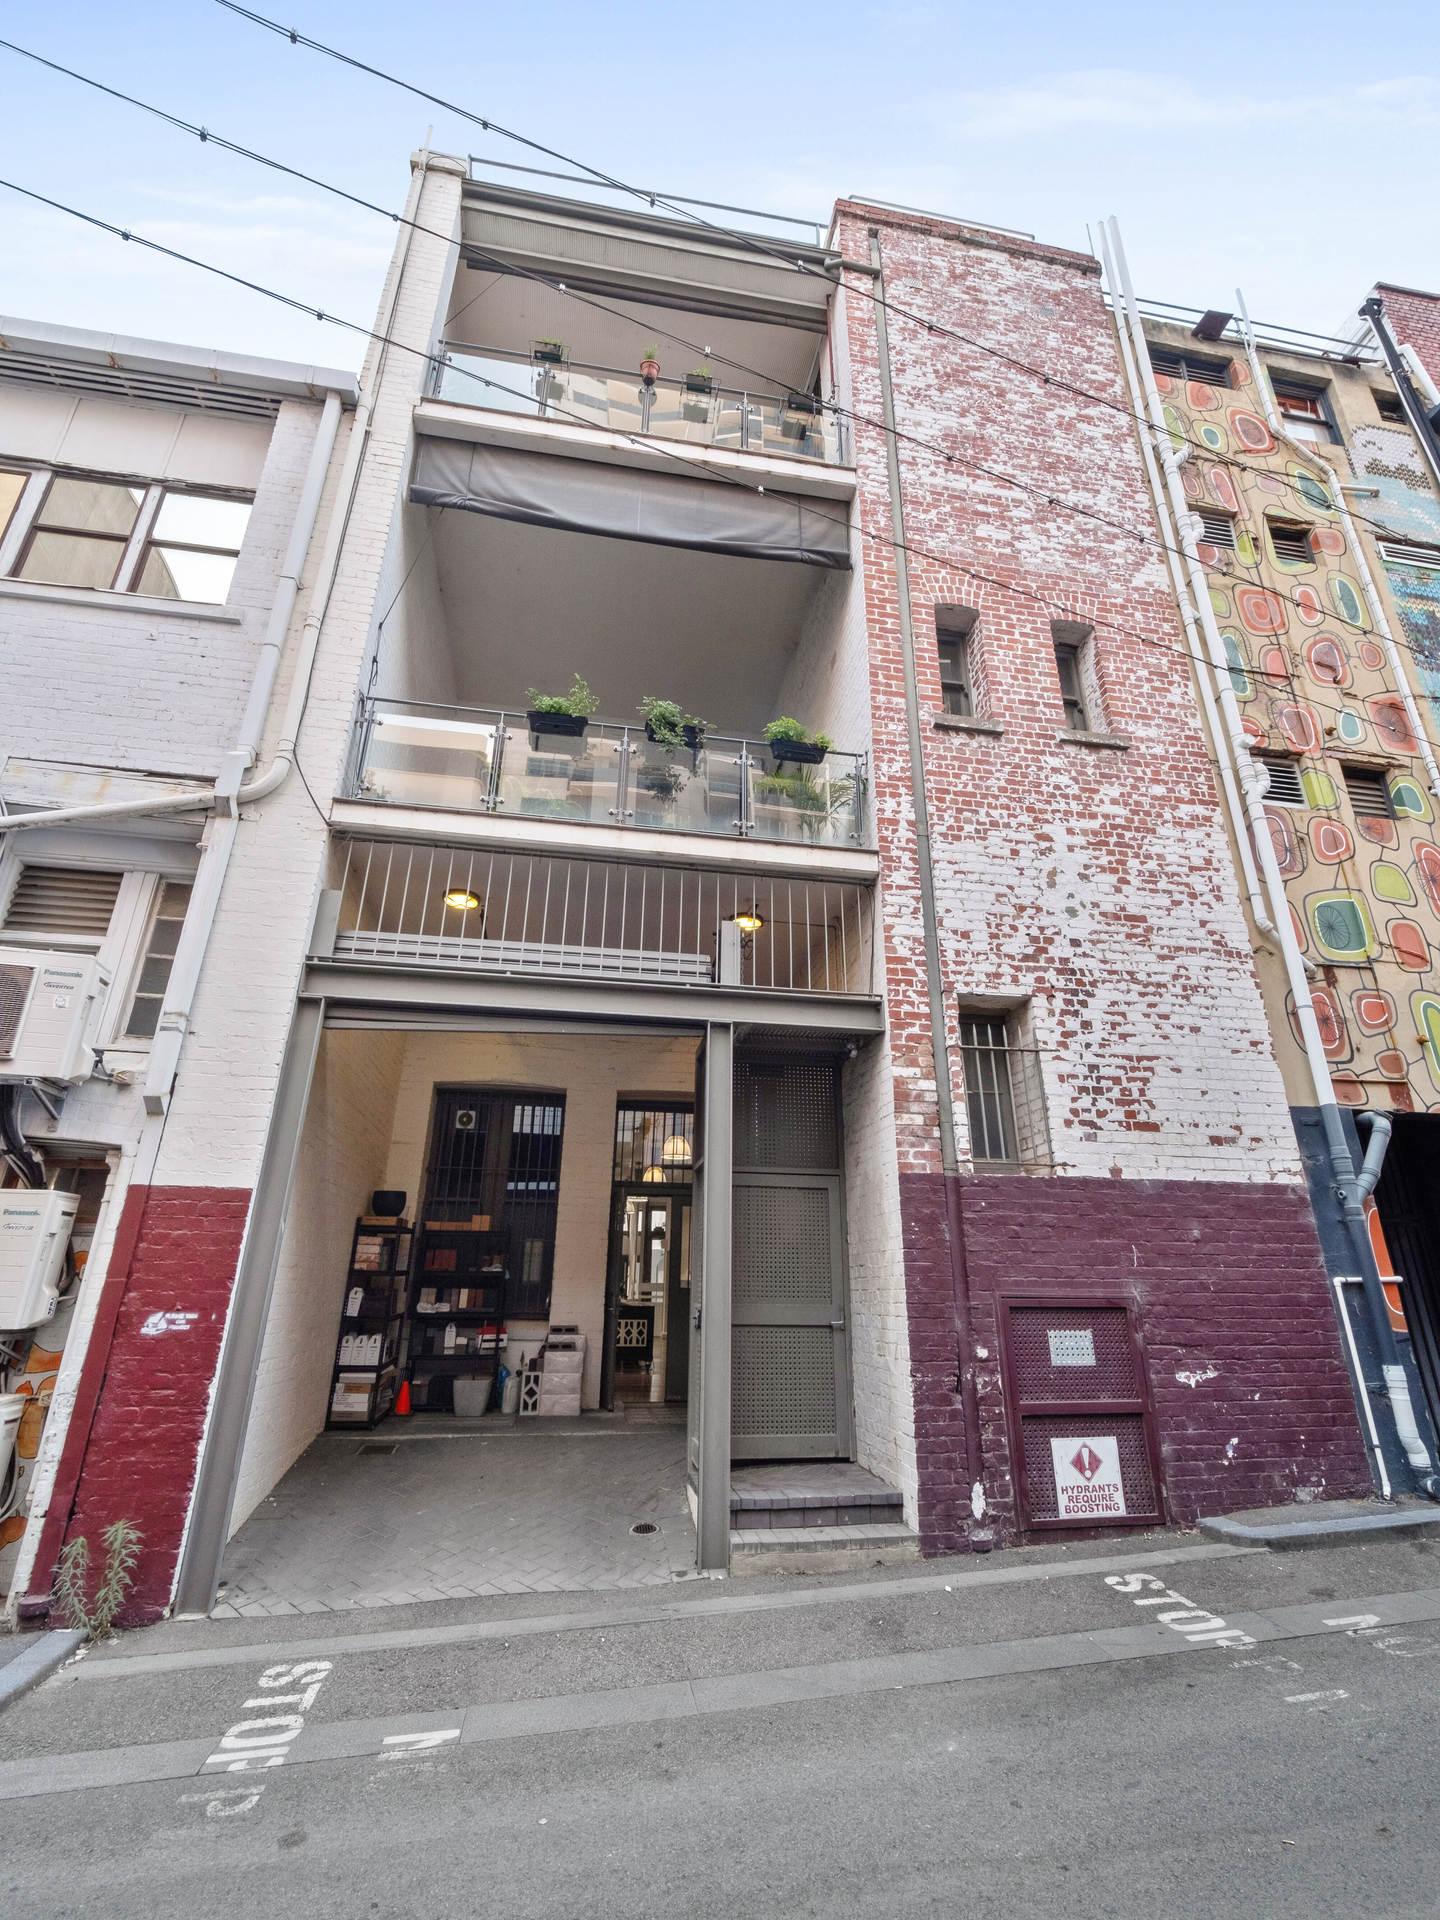 WEB 67 King Street Perth 19